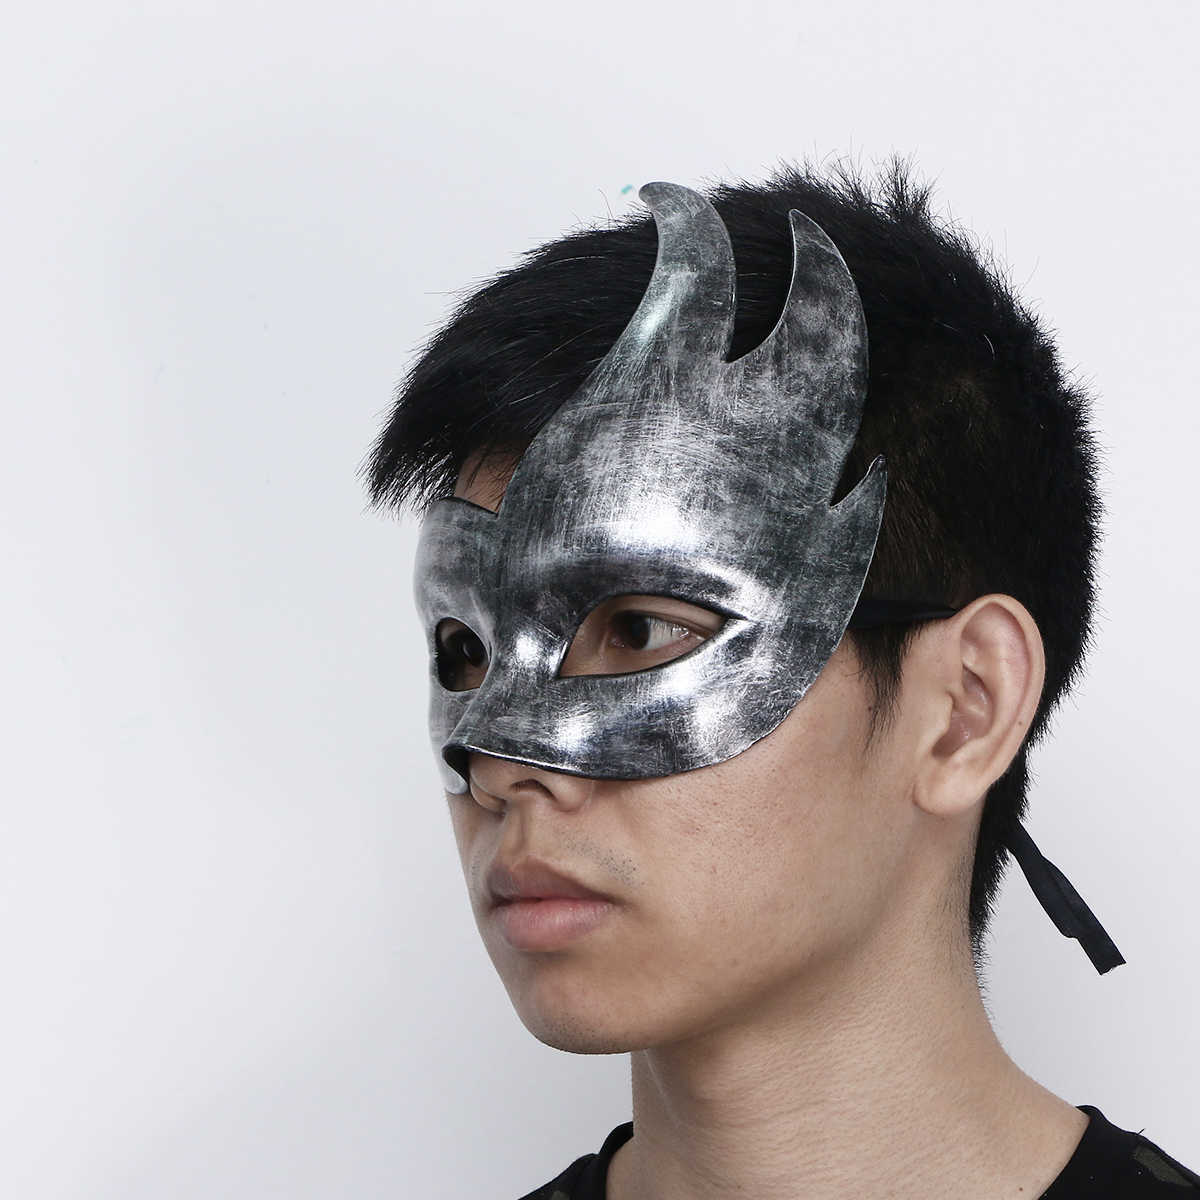 Setengah Wajah Topeng Topeng Masquerade Bola Masker Keren Vintage Masker Dekorasi untuk Pesta Halloween Emas